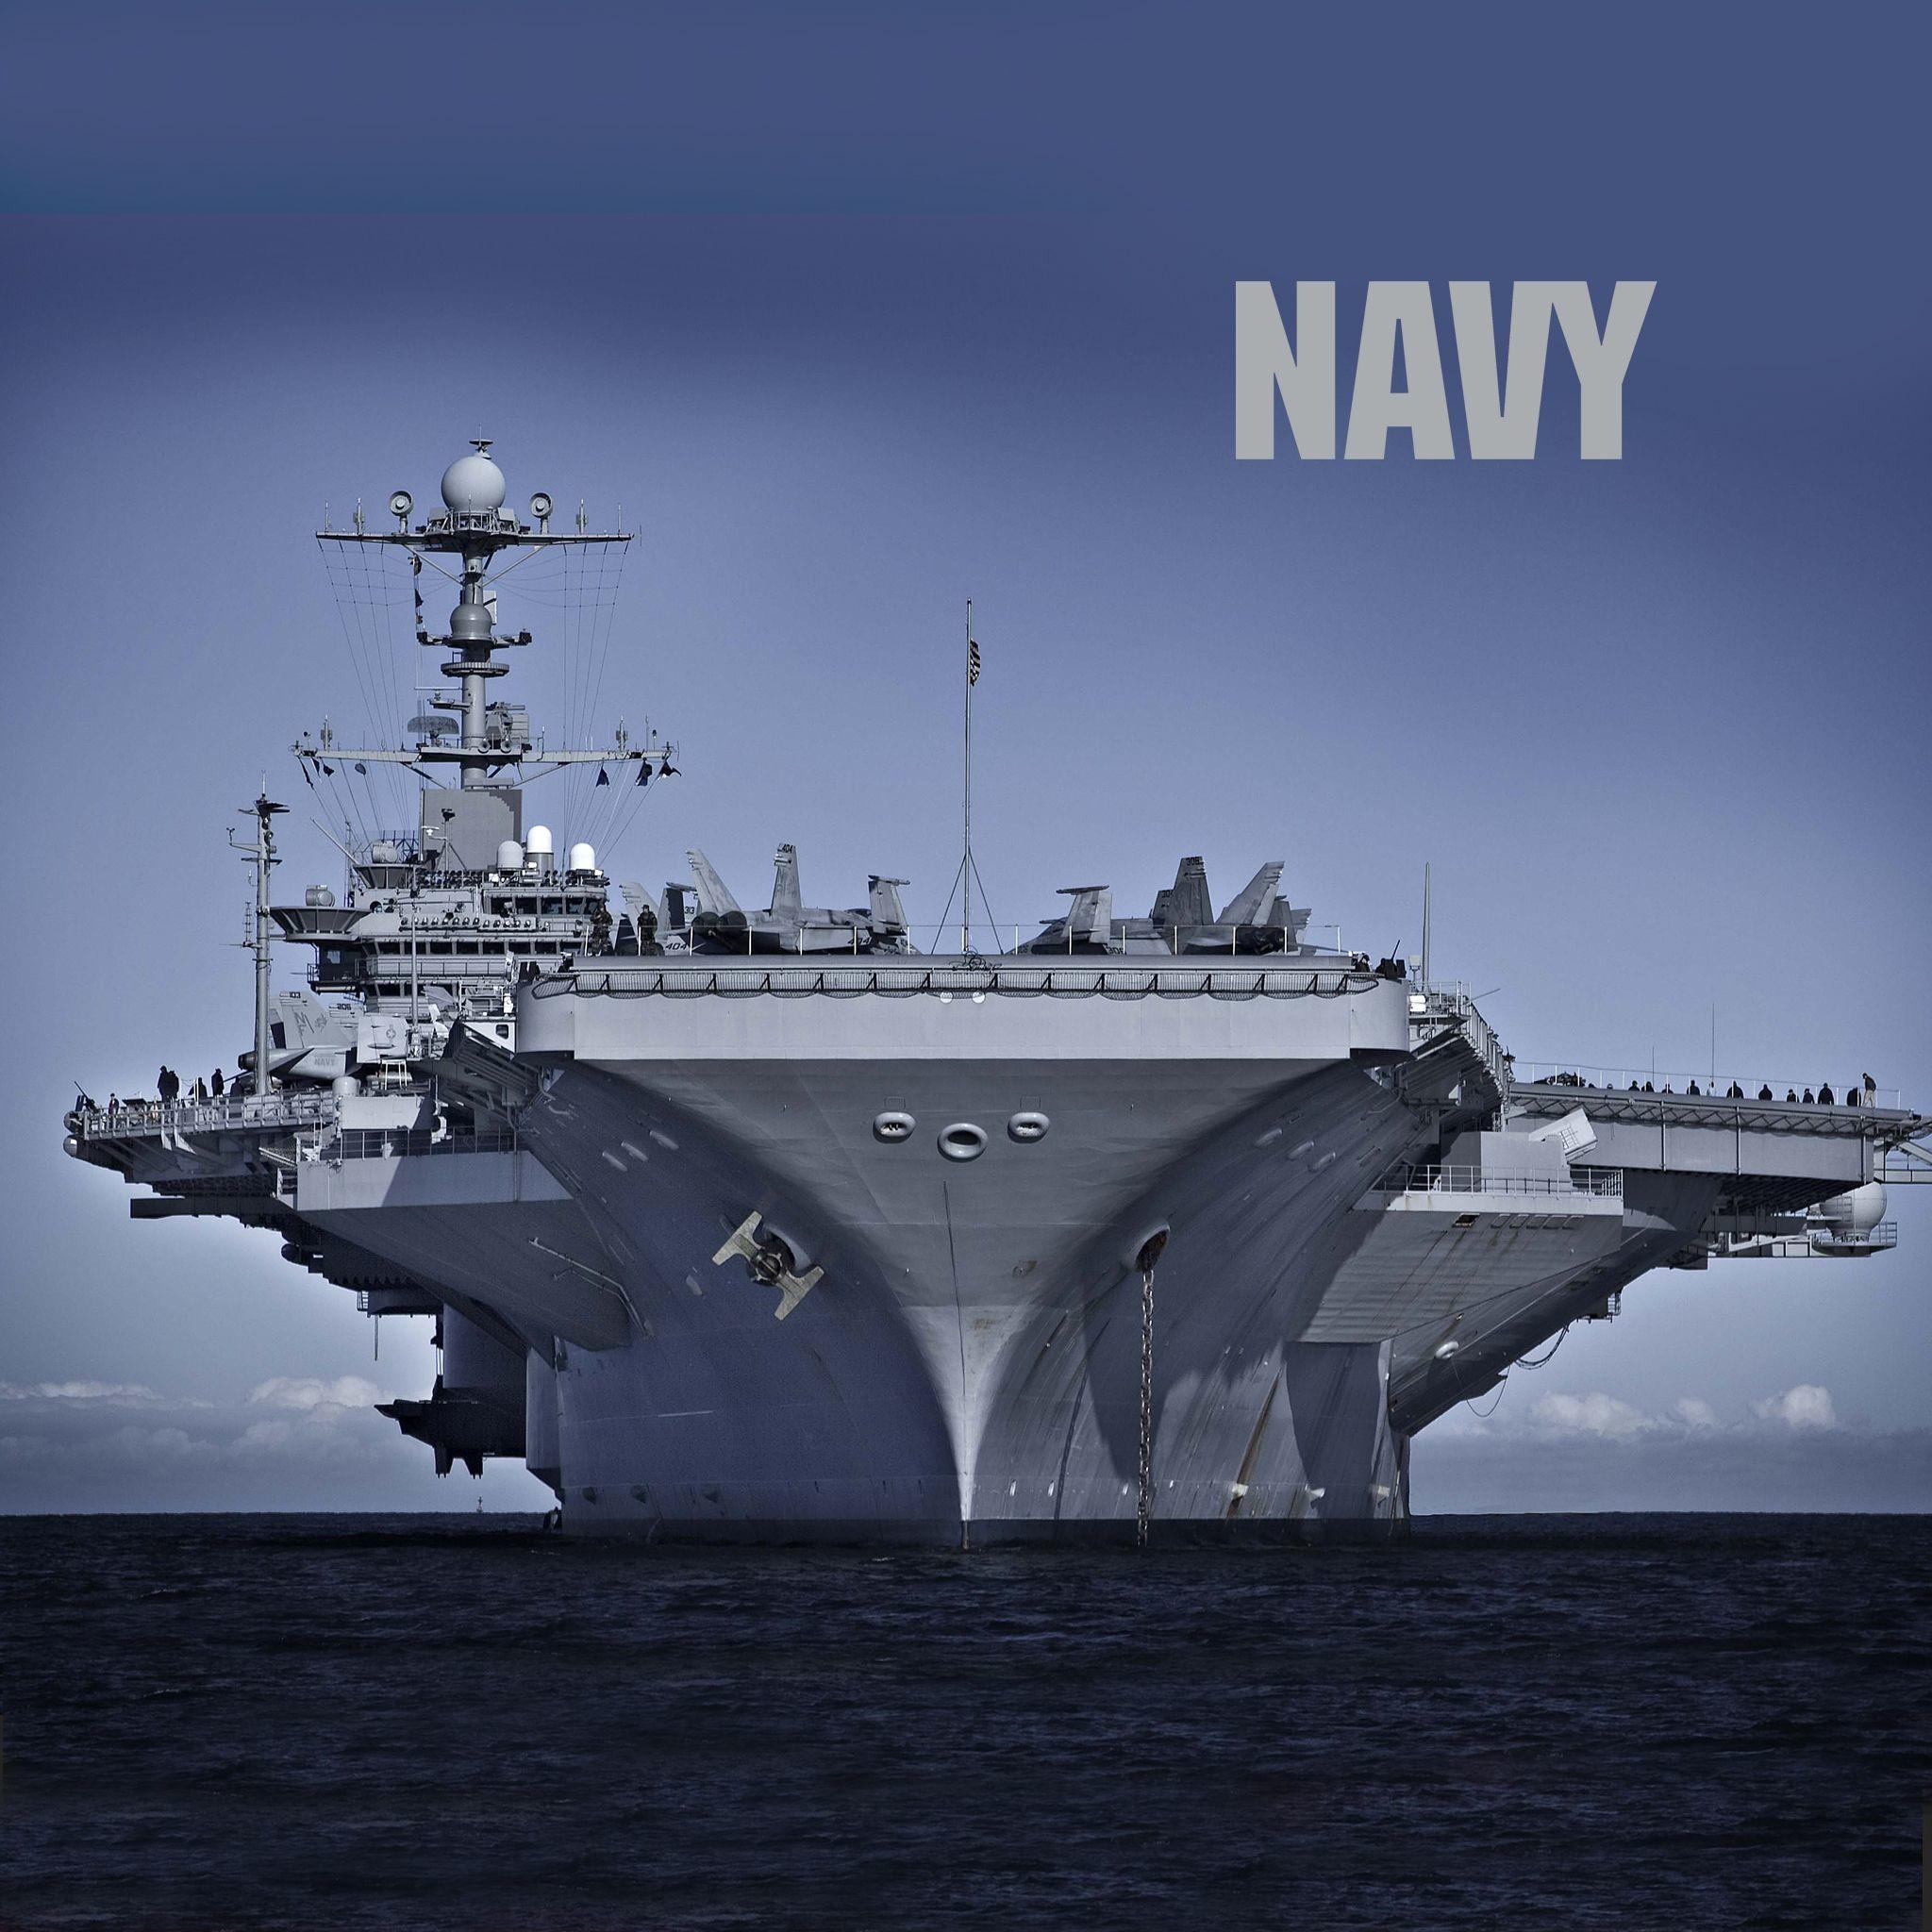 … Navy Logo Iphone 5 Wallpaper 640×1136. Download